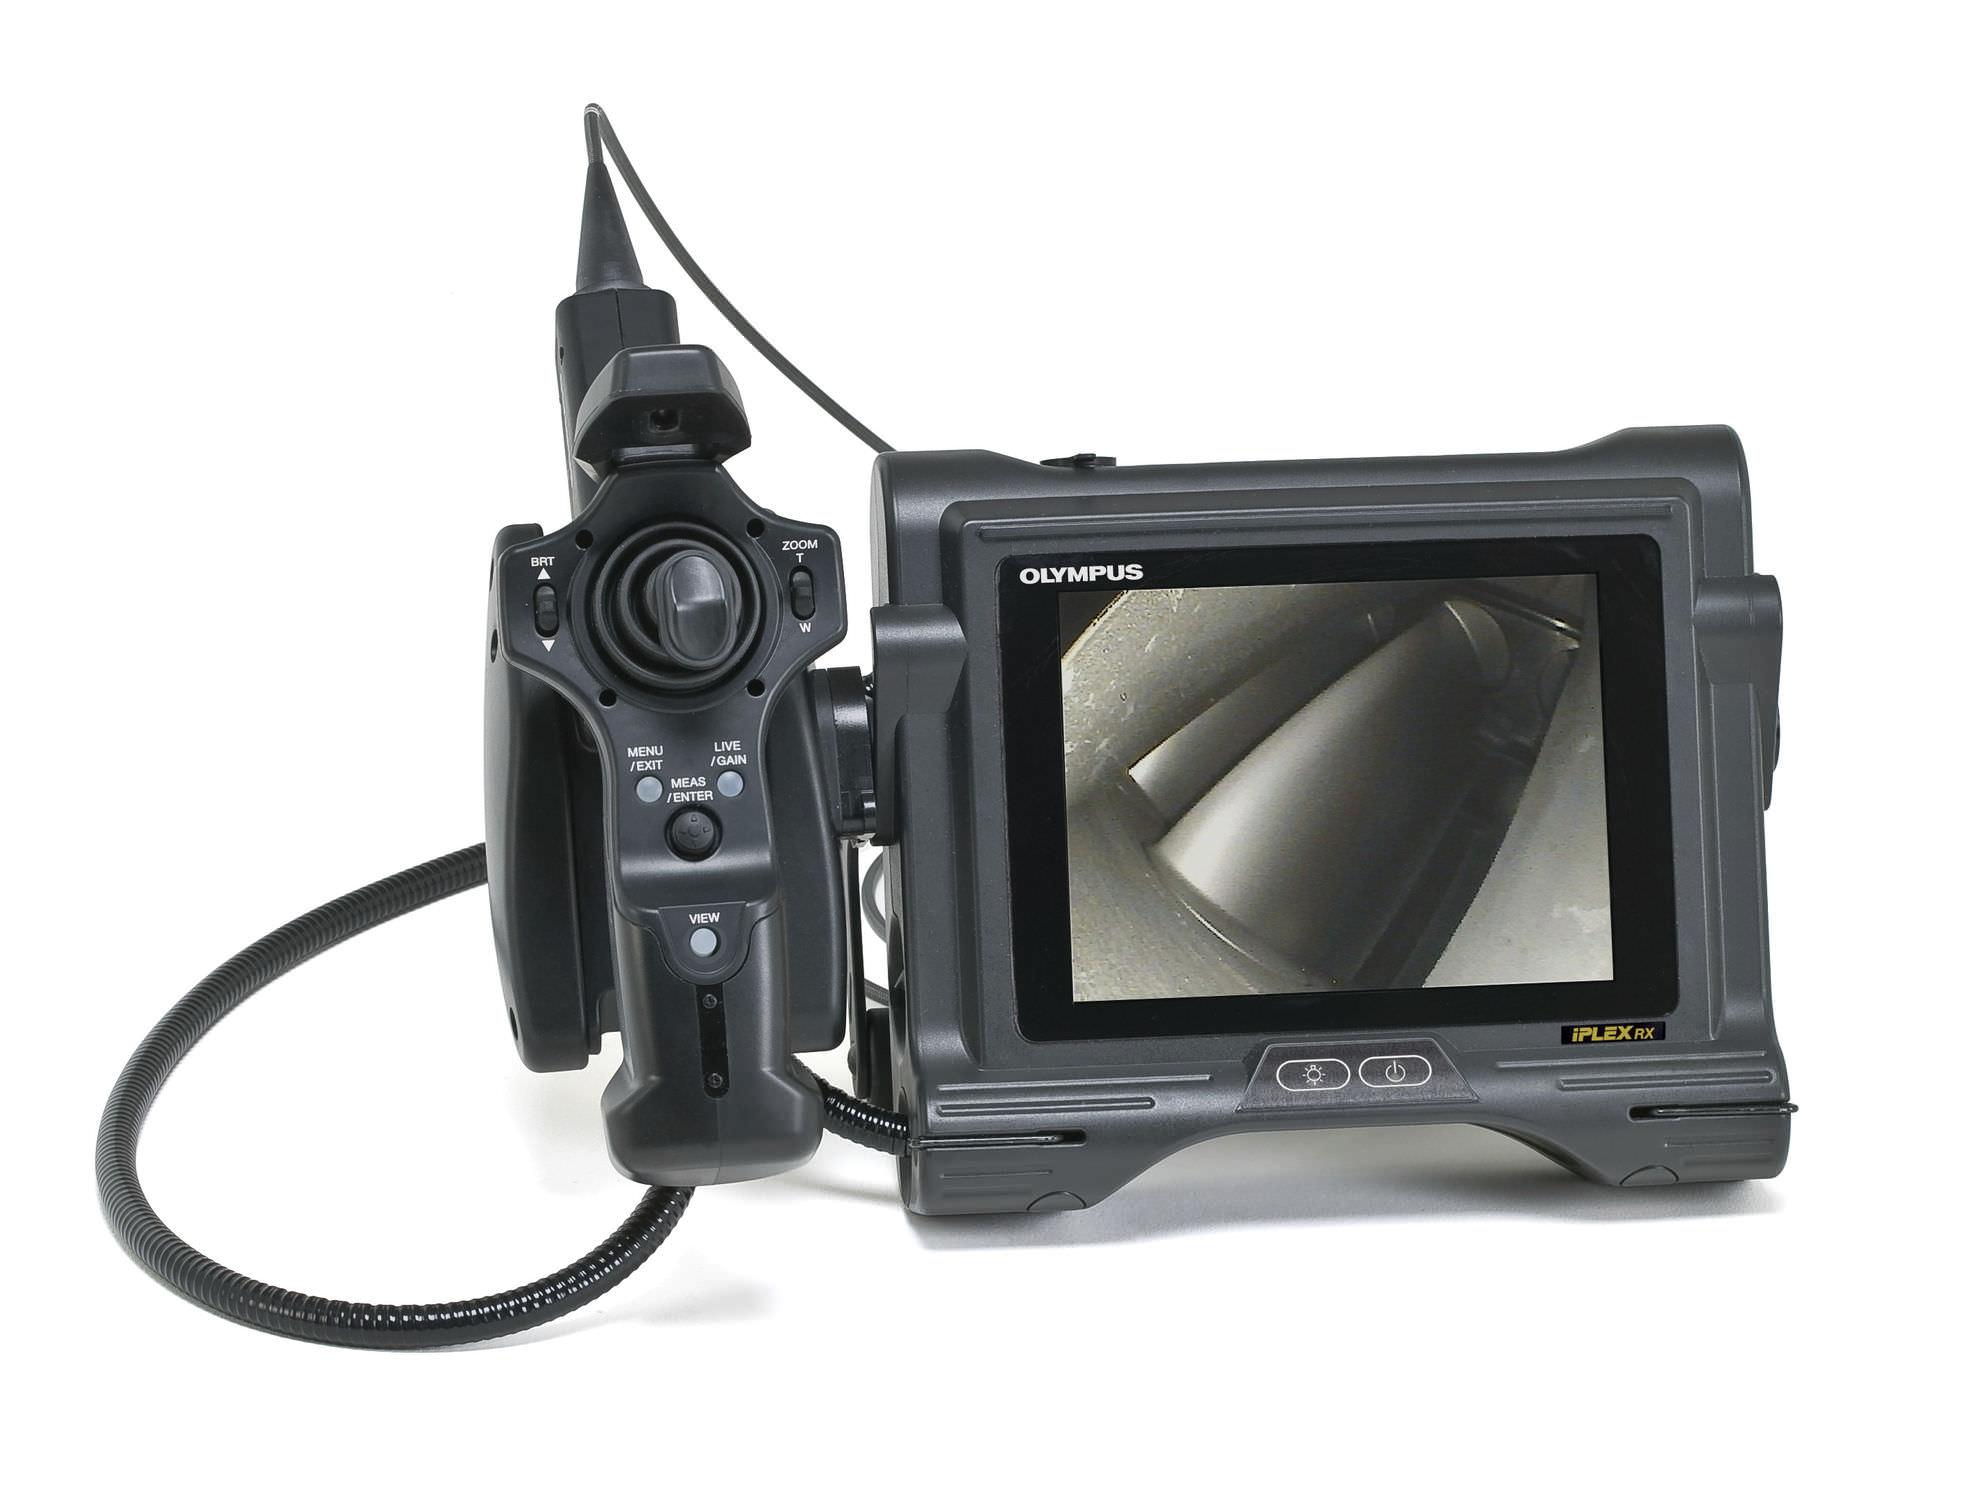 IPLEX RX - IV9420RX